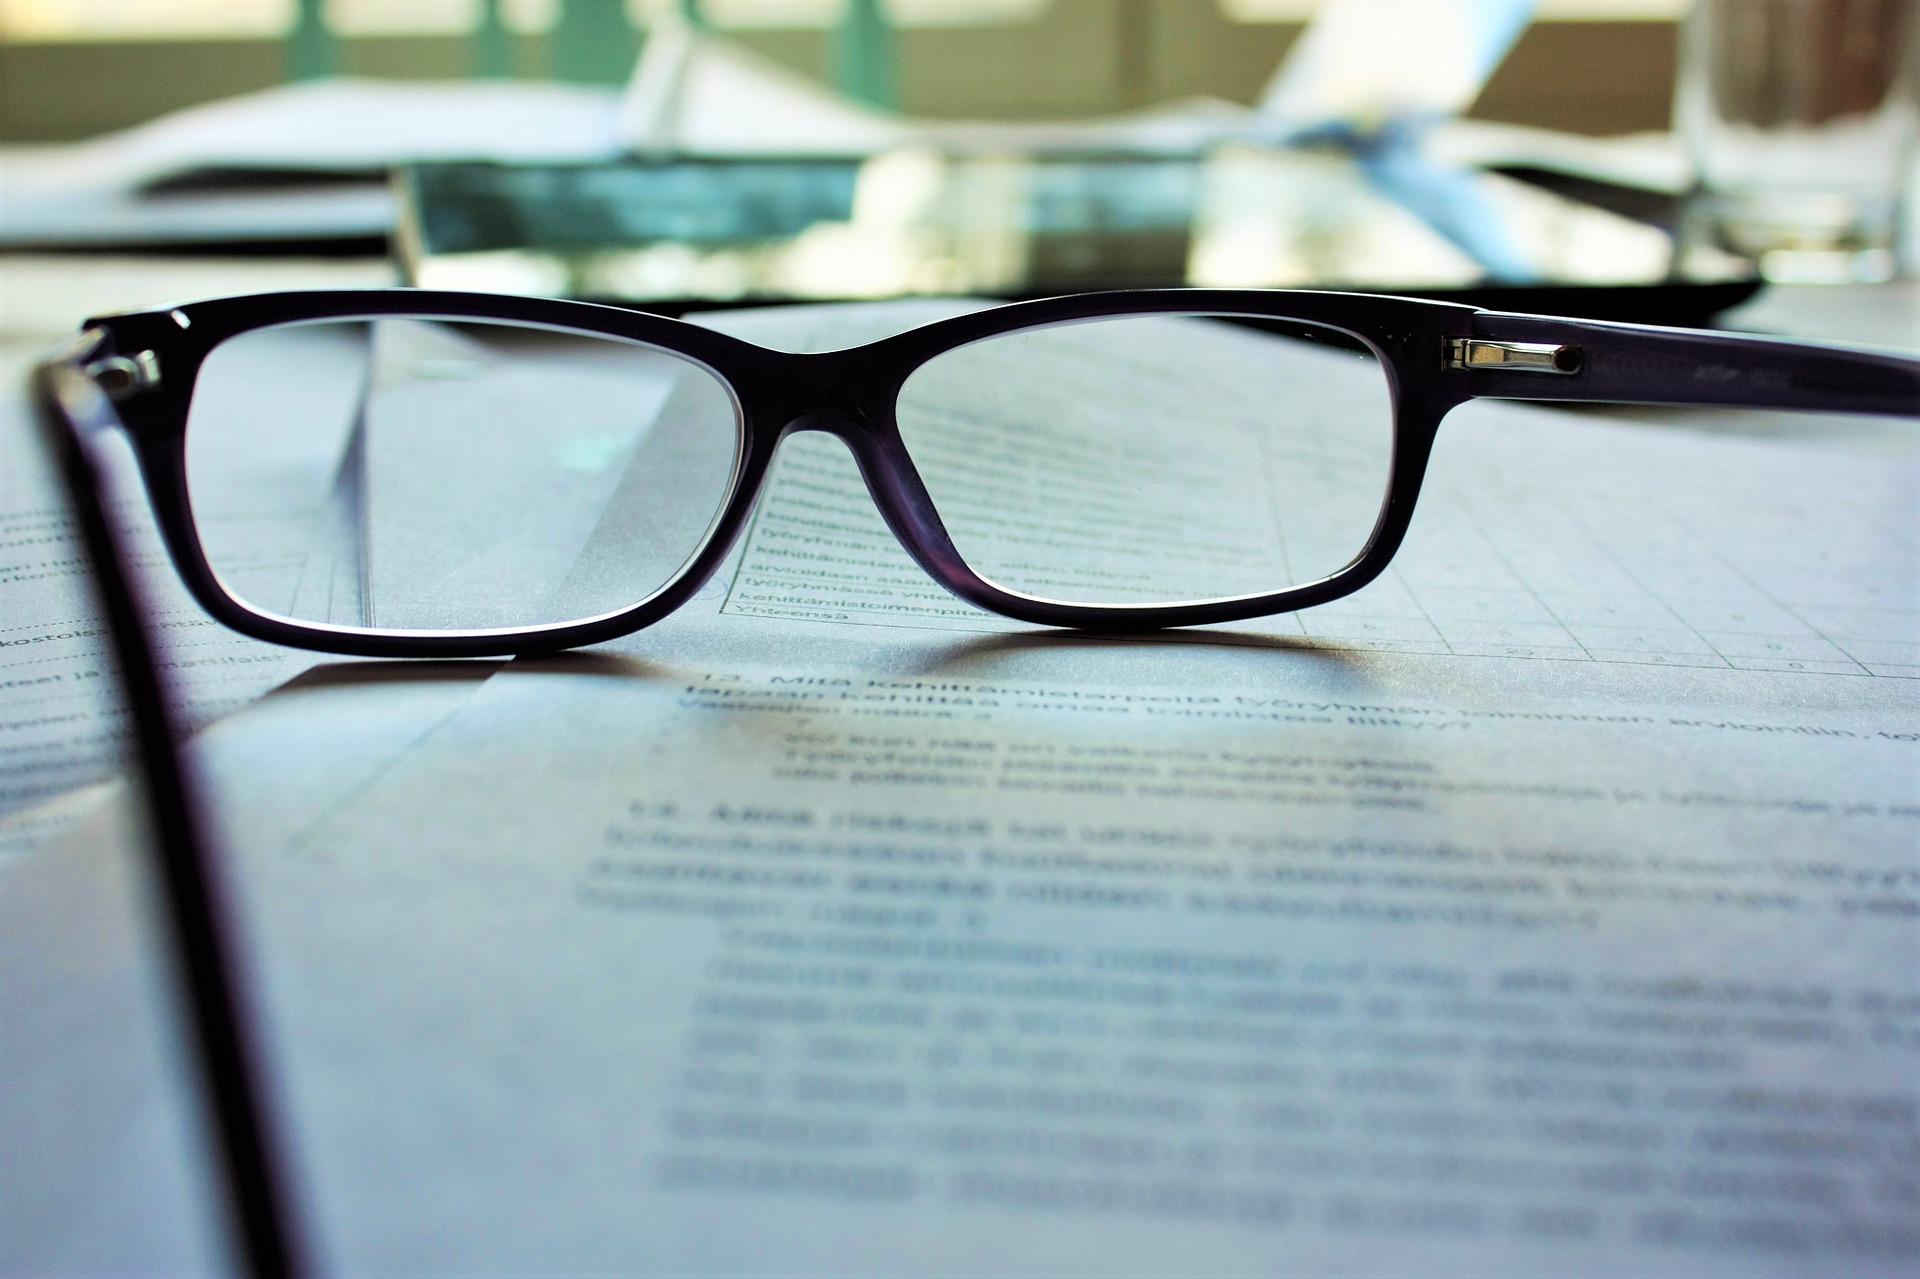 glasses-983947_1920-1.jpg